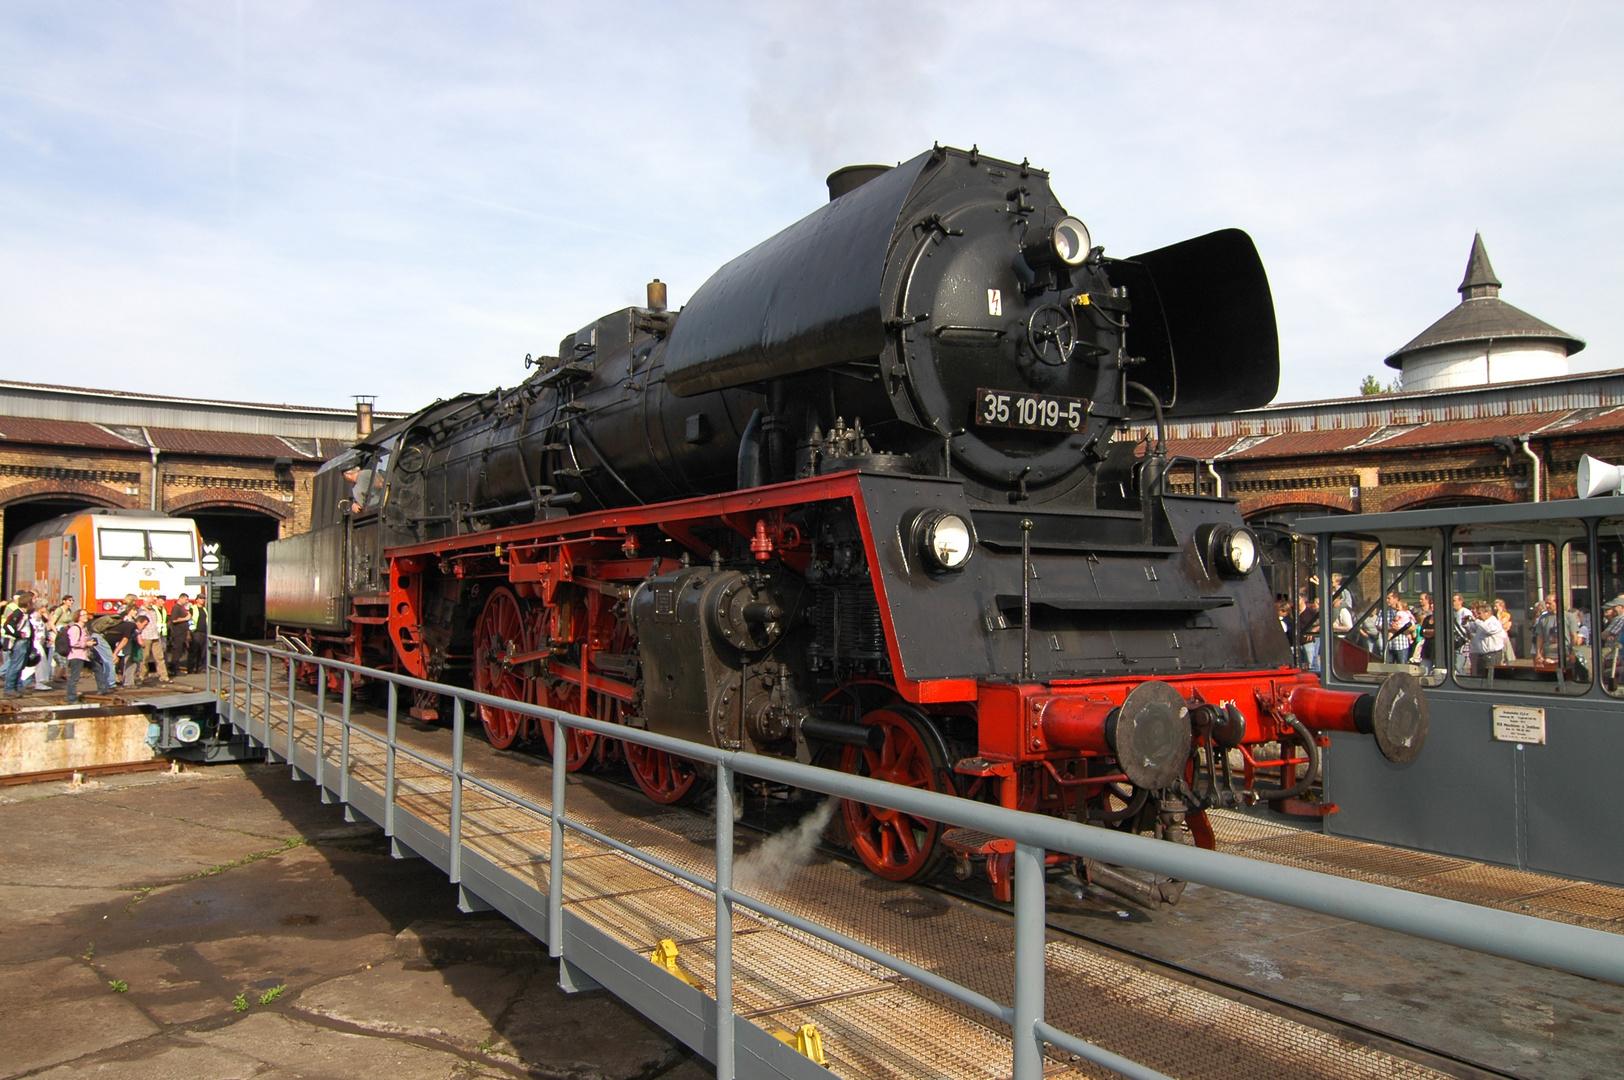 35 1019 beim 9. Berliner Eisenbahnfest